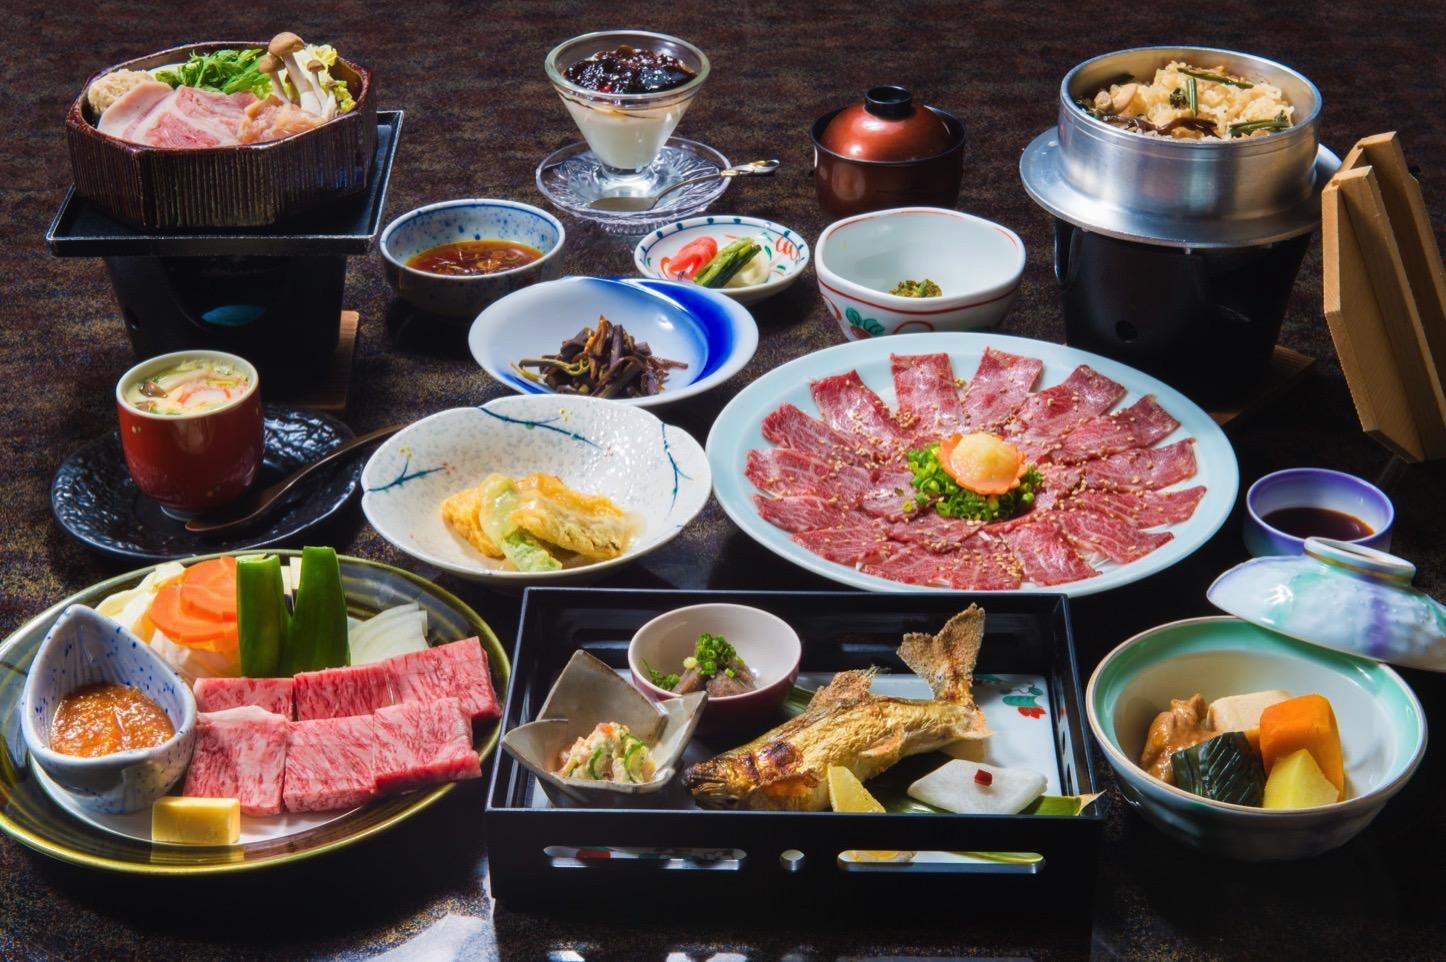 Hirayu-Spa-Eitaro-Photos-pakutaso-10.jpg